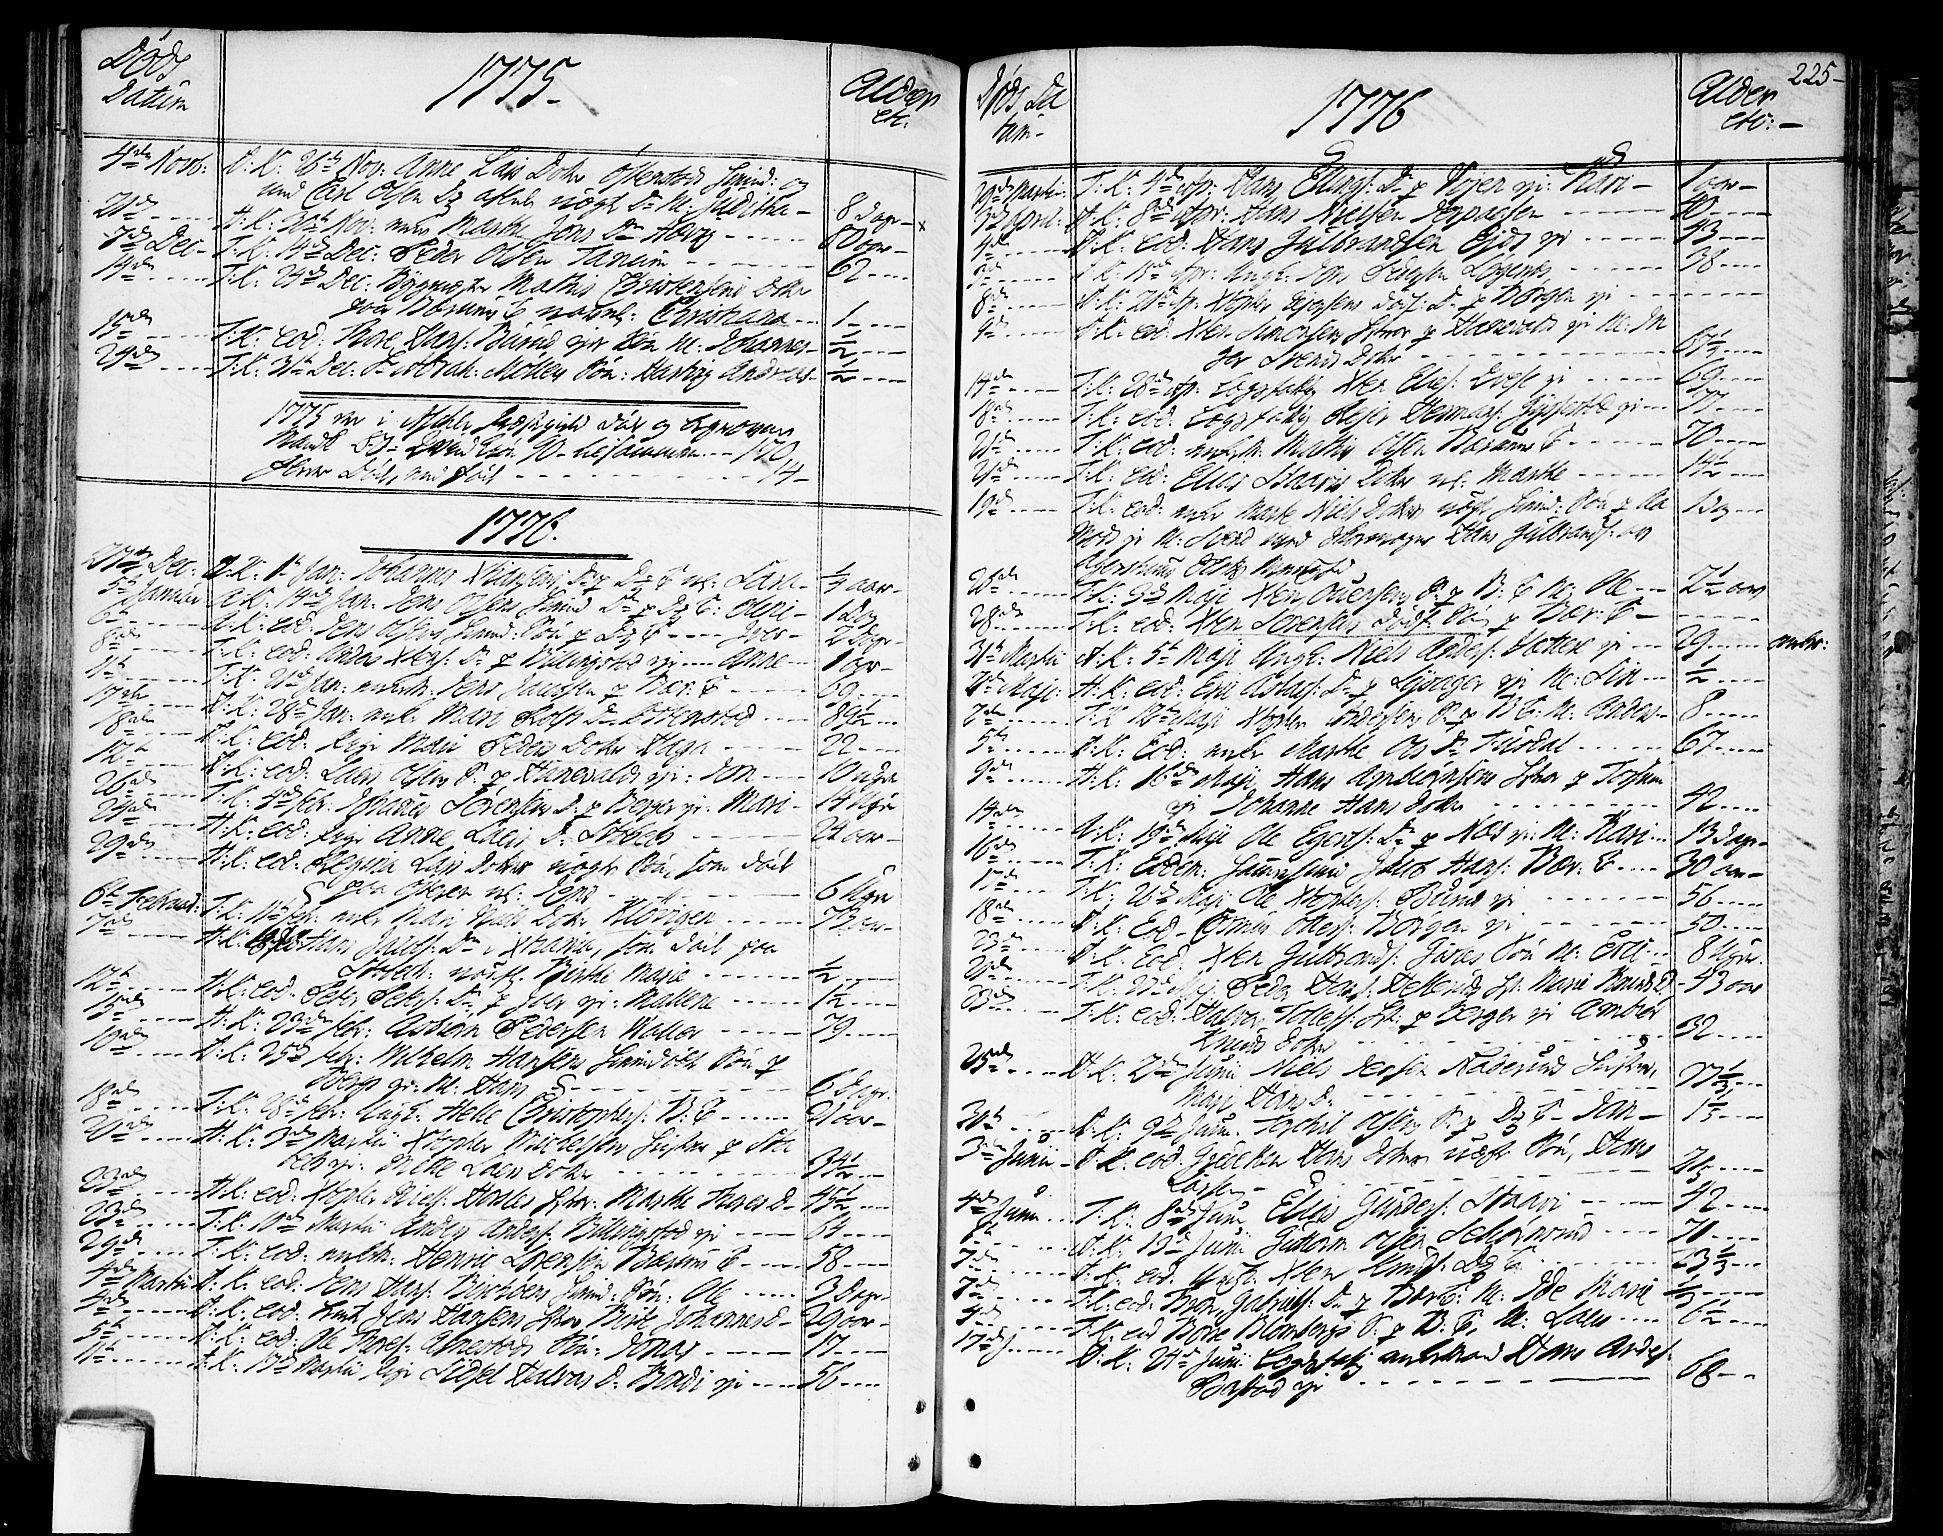 SAO, Asker prestekontor Kirkebøker, F/Fa/L0003: Ministerialbok nr. I 3, 1767-1807, s. 225